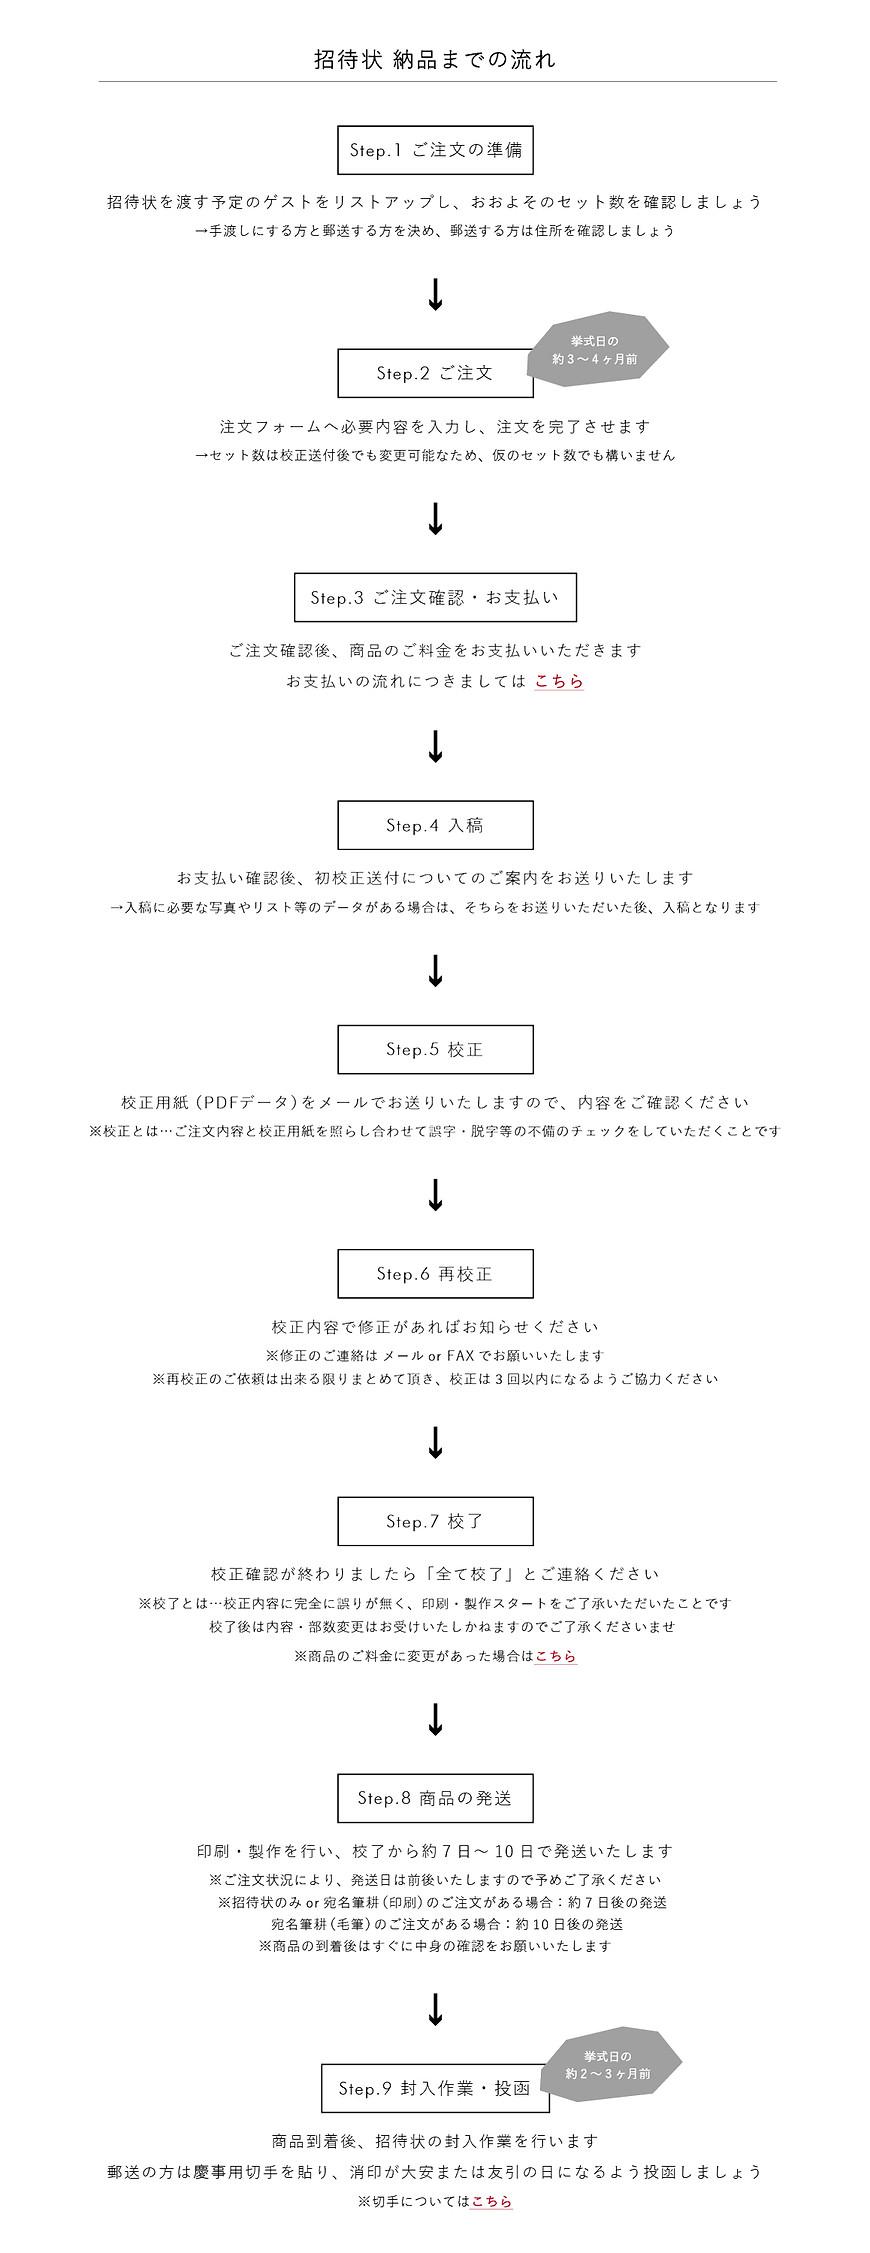 HP-オーダーガイド①.jpg